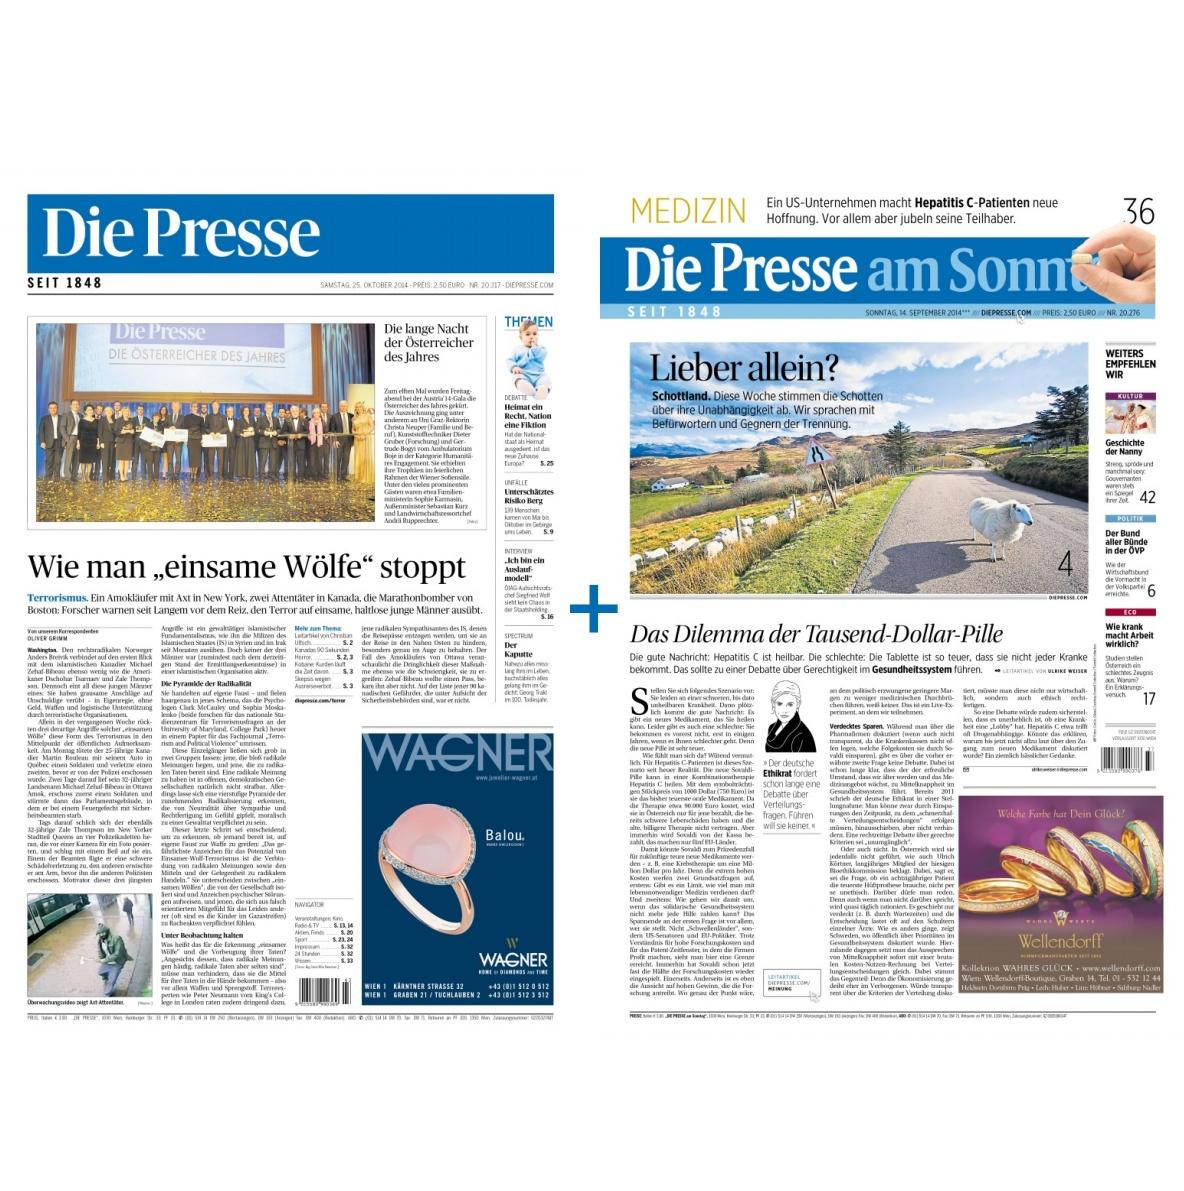 Die Presse inkl. Die Presse am Sonntag